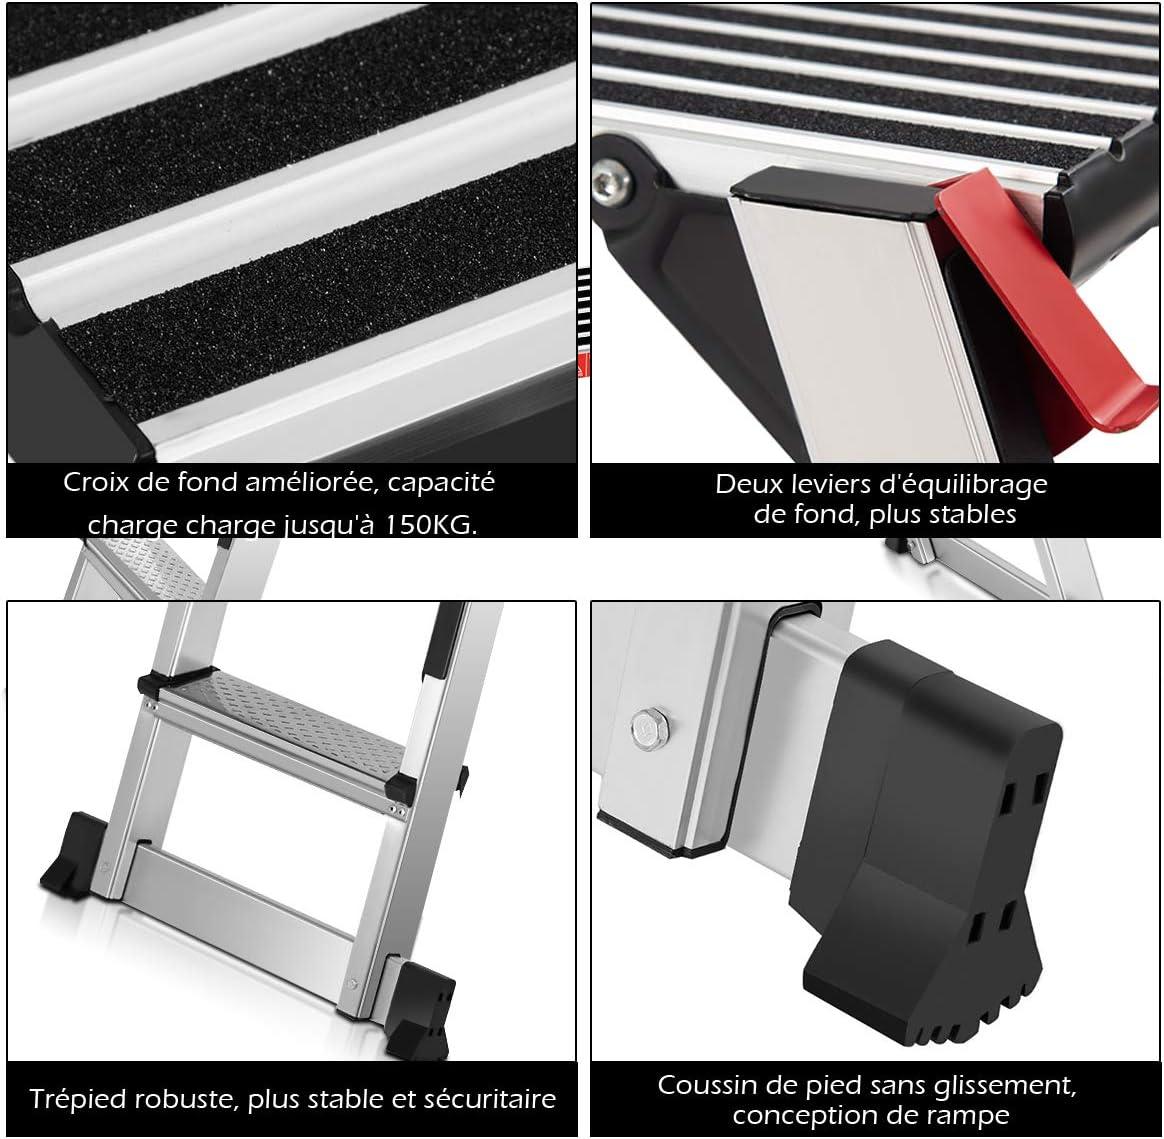 acier antid/érapant r/ésistant pour les travailleurs de la maison de travailleur de transport de support d/échelle de plate-forme descalier de petites /échelles Plate-forme de travail